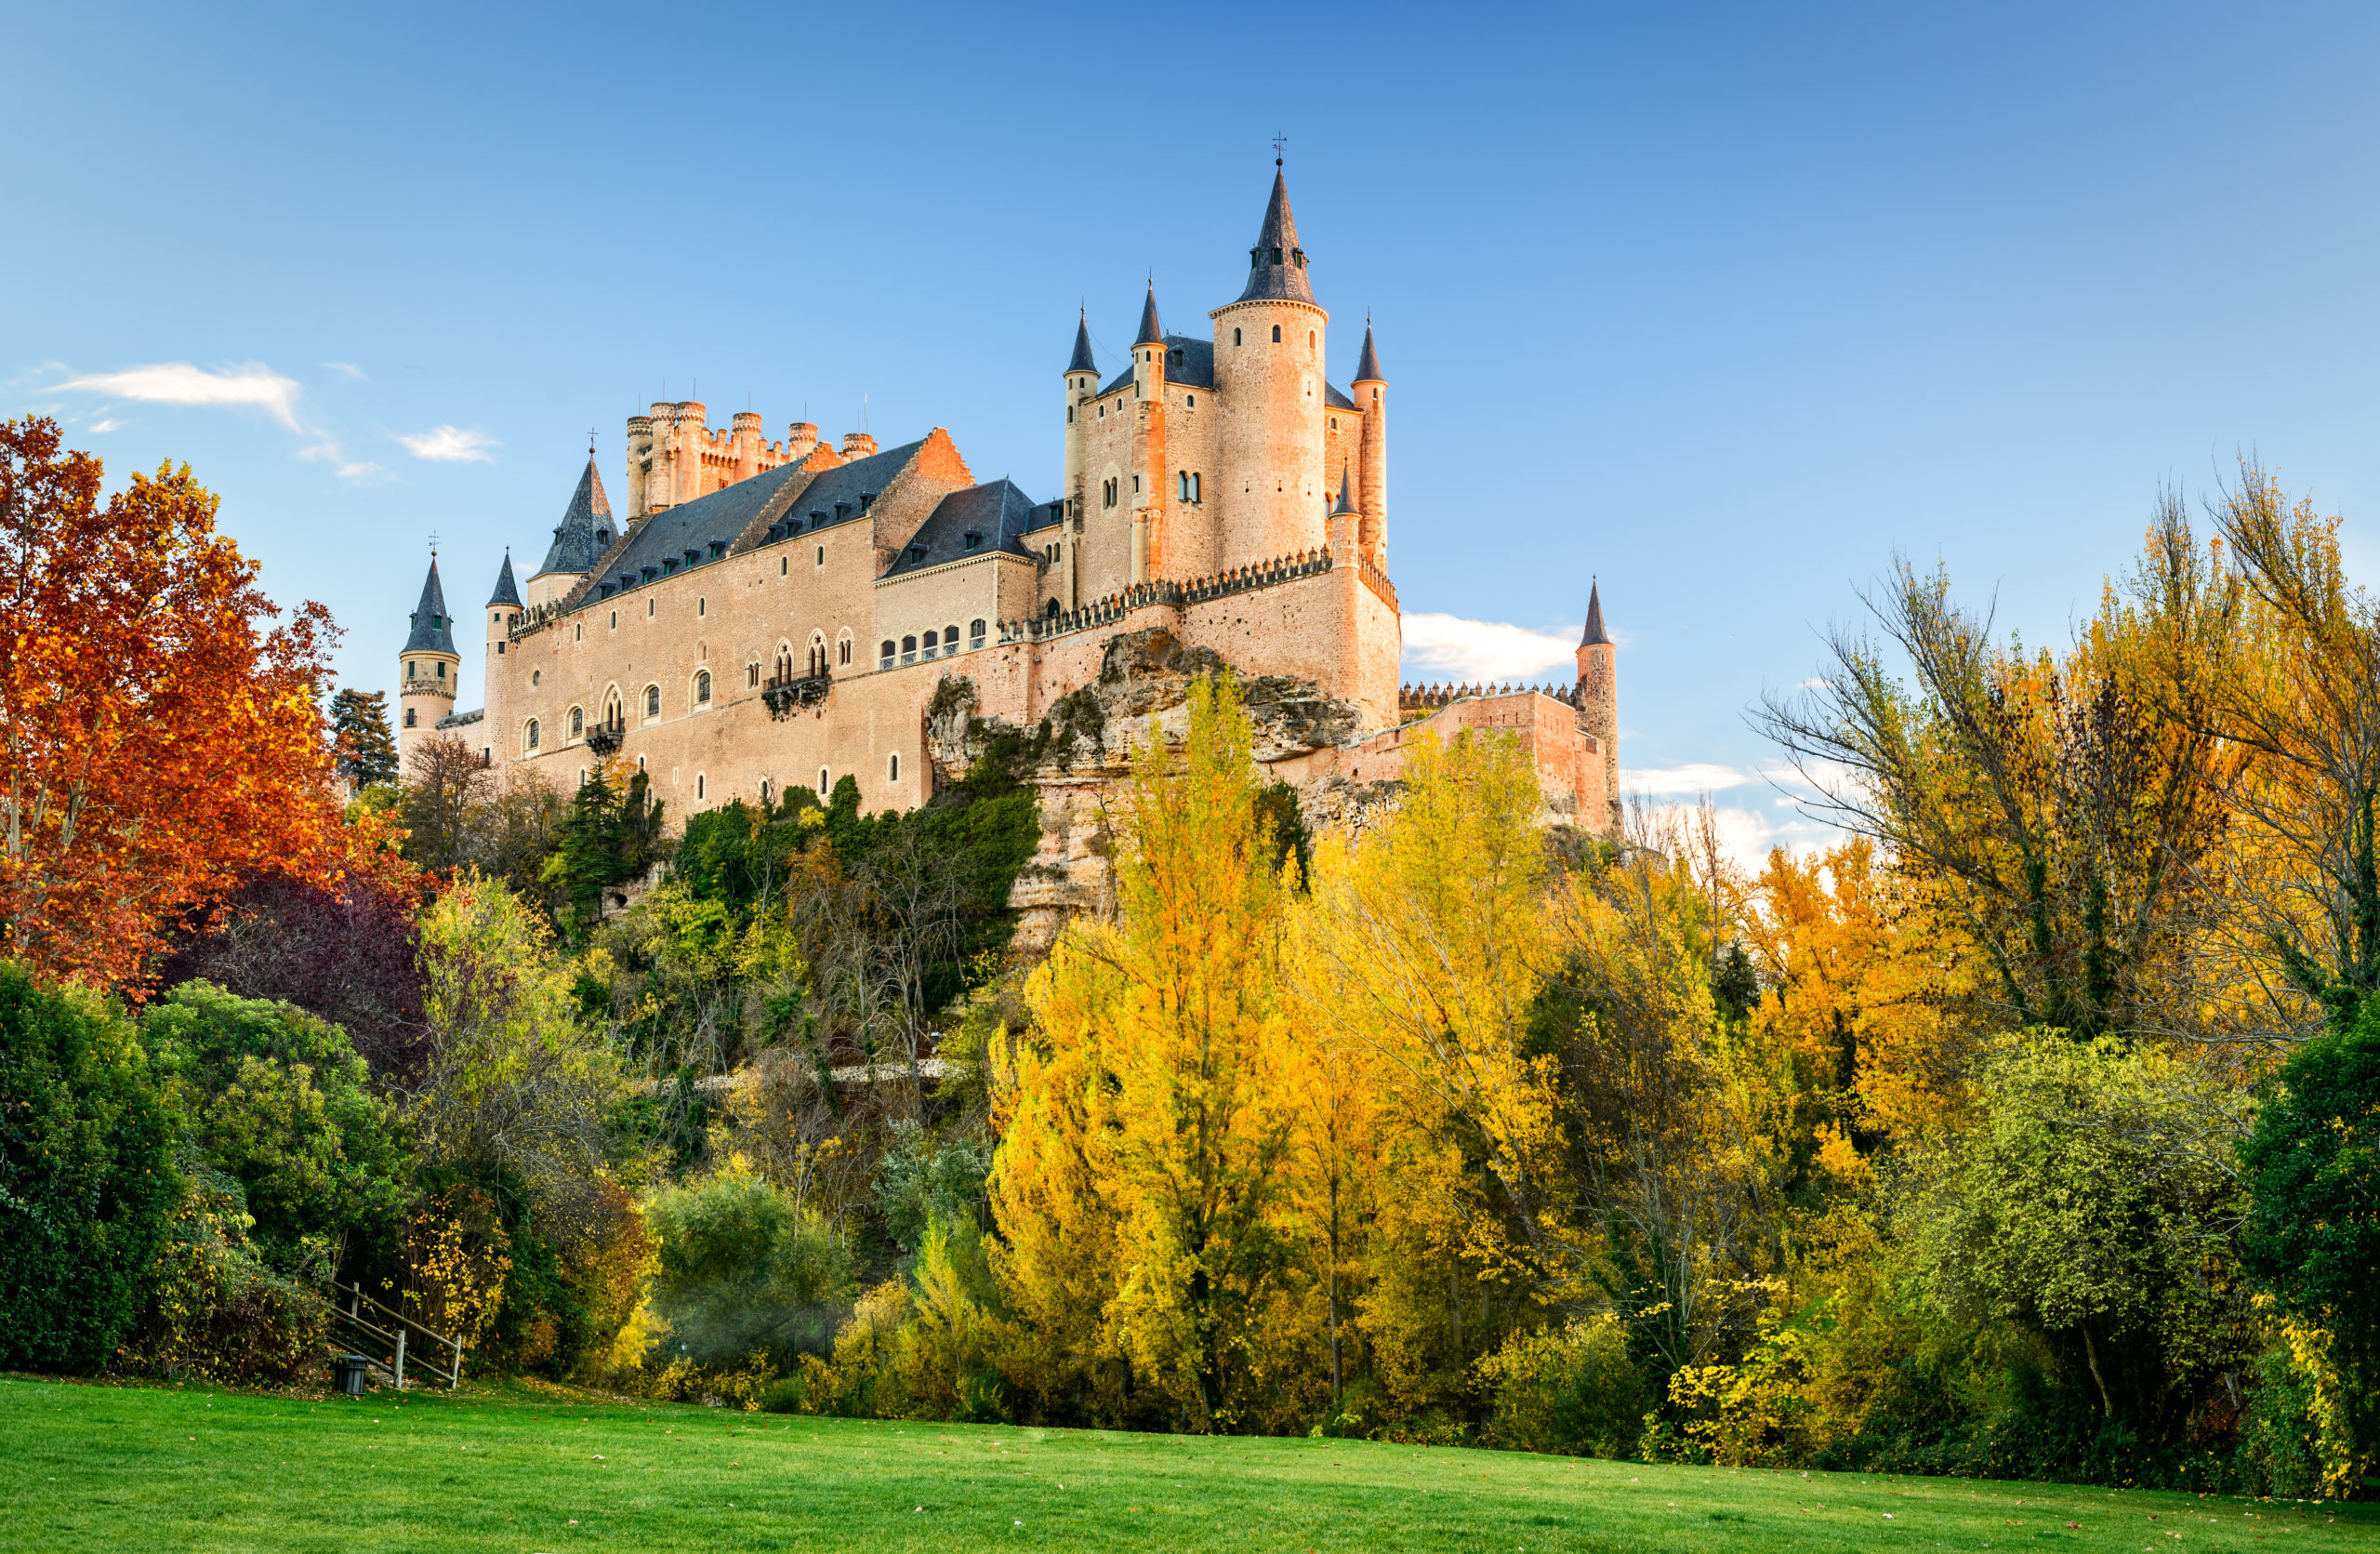 Voyage scolaire Incontournables de Madrid & Tolède